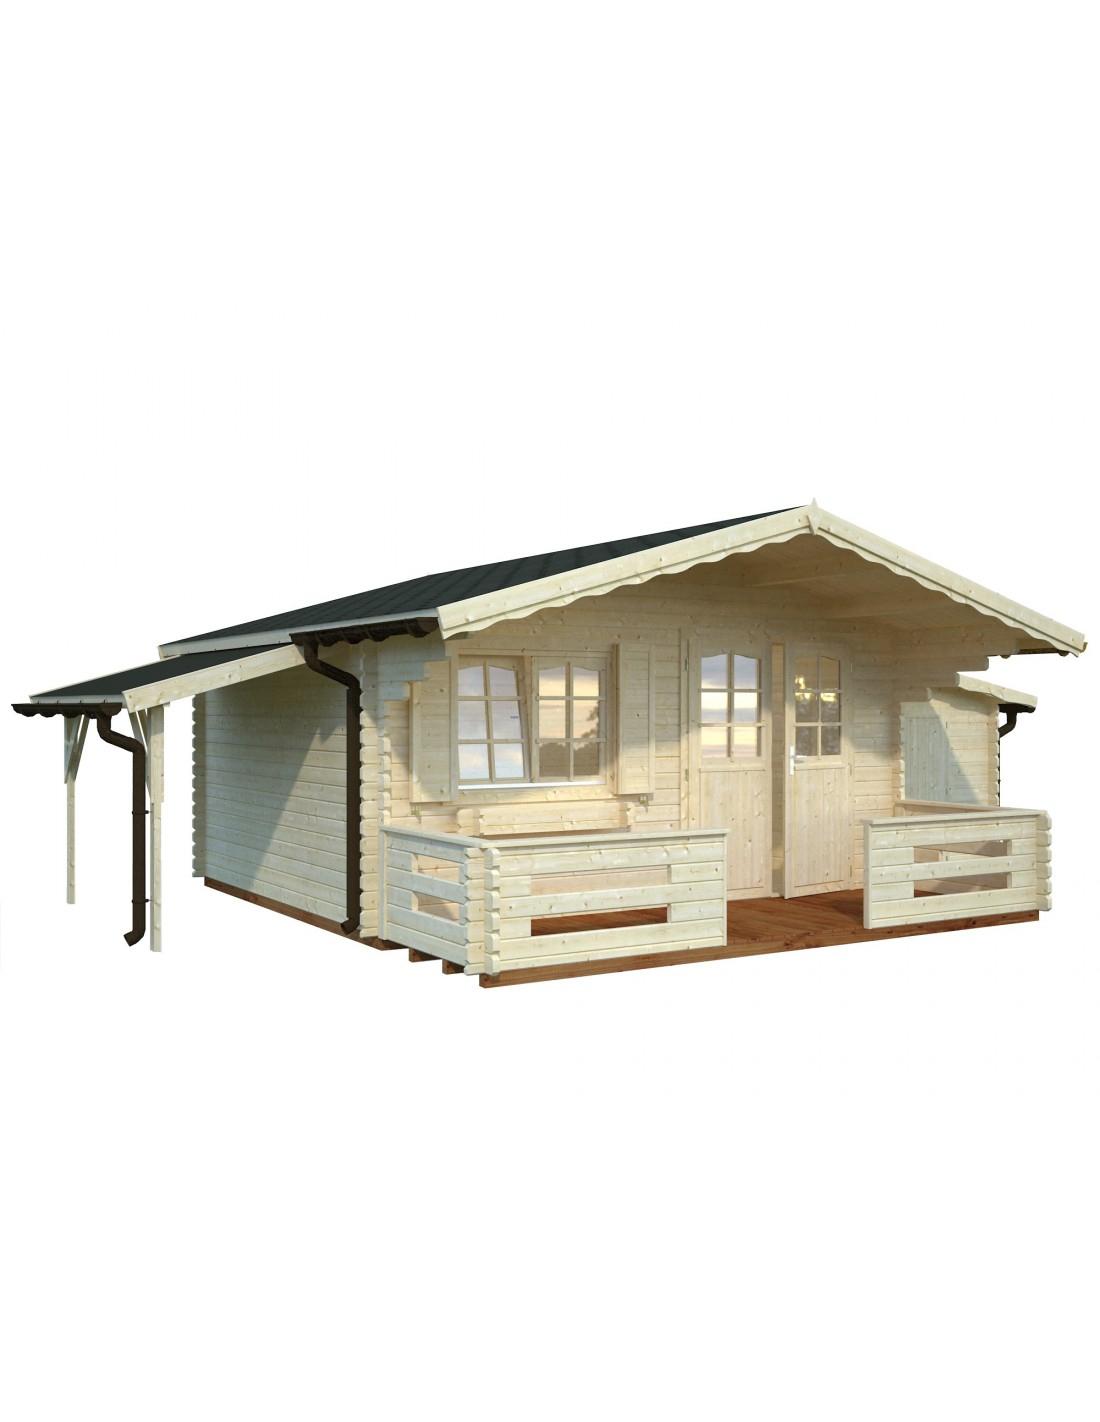 Abri De Jardin Sally 16.2 M² Avec Plancher - Serres-Et-Abris avec Abri De Jardin Avec Plancher